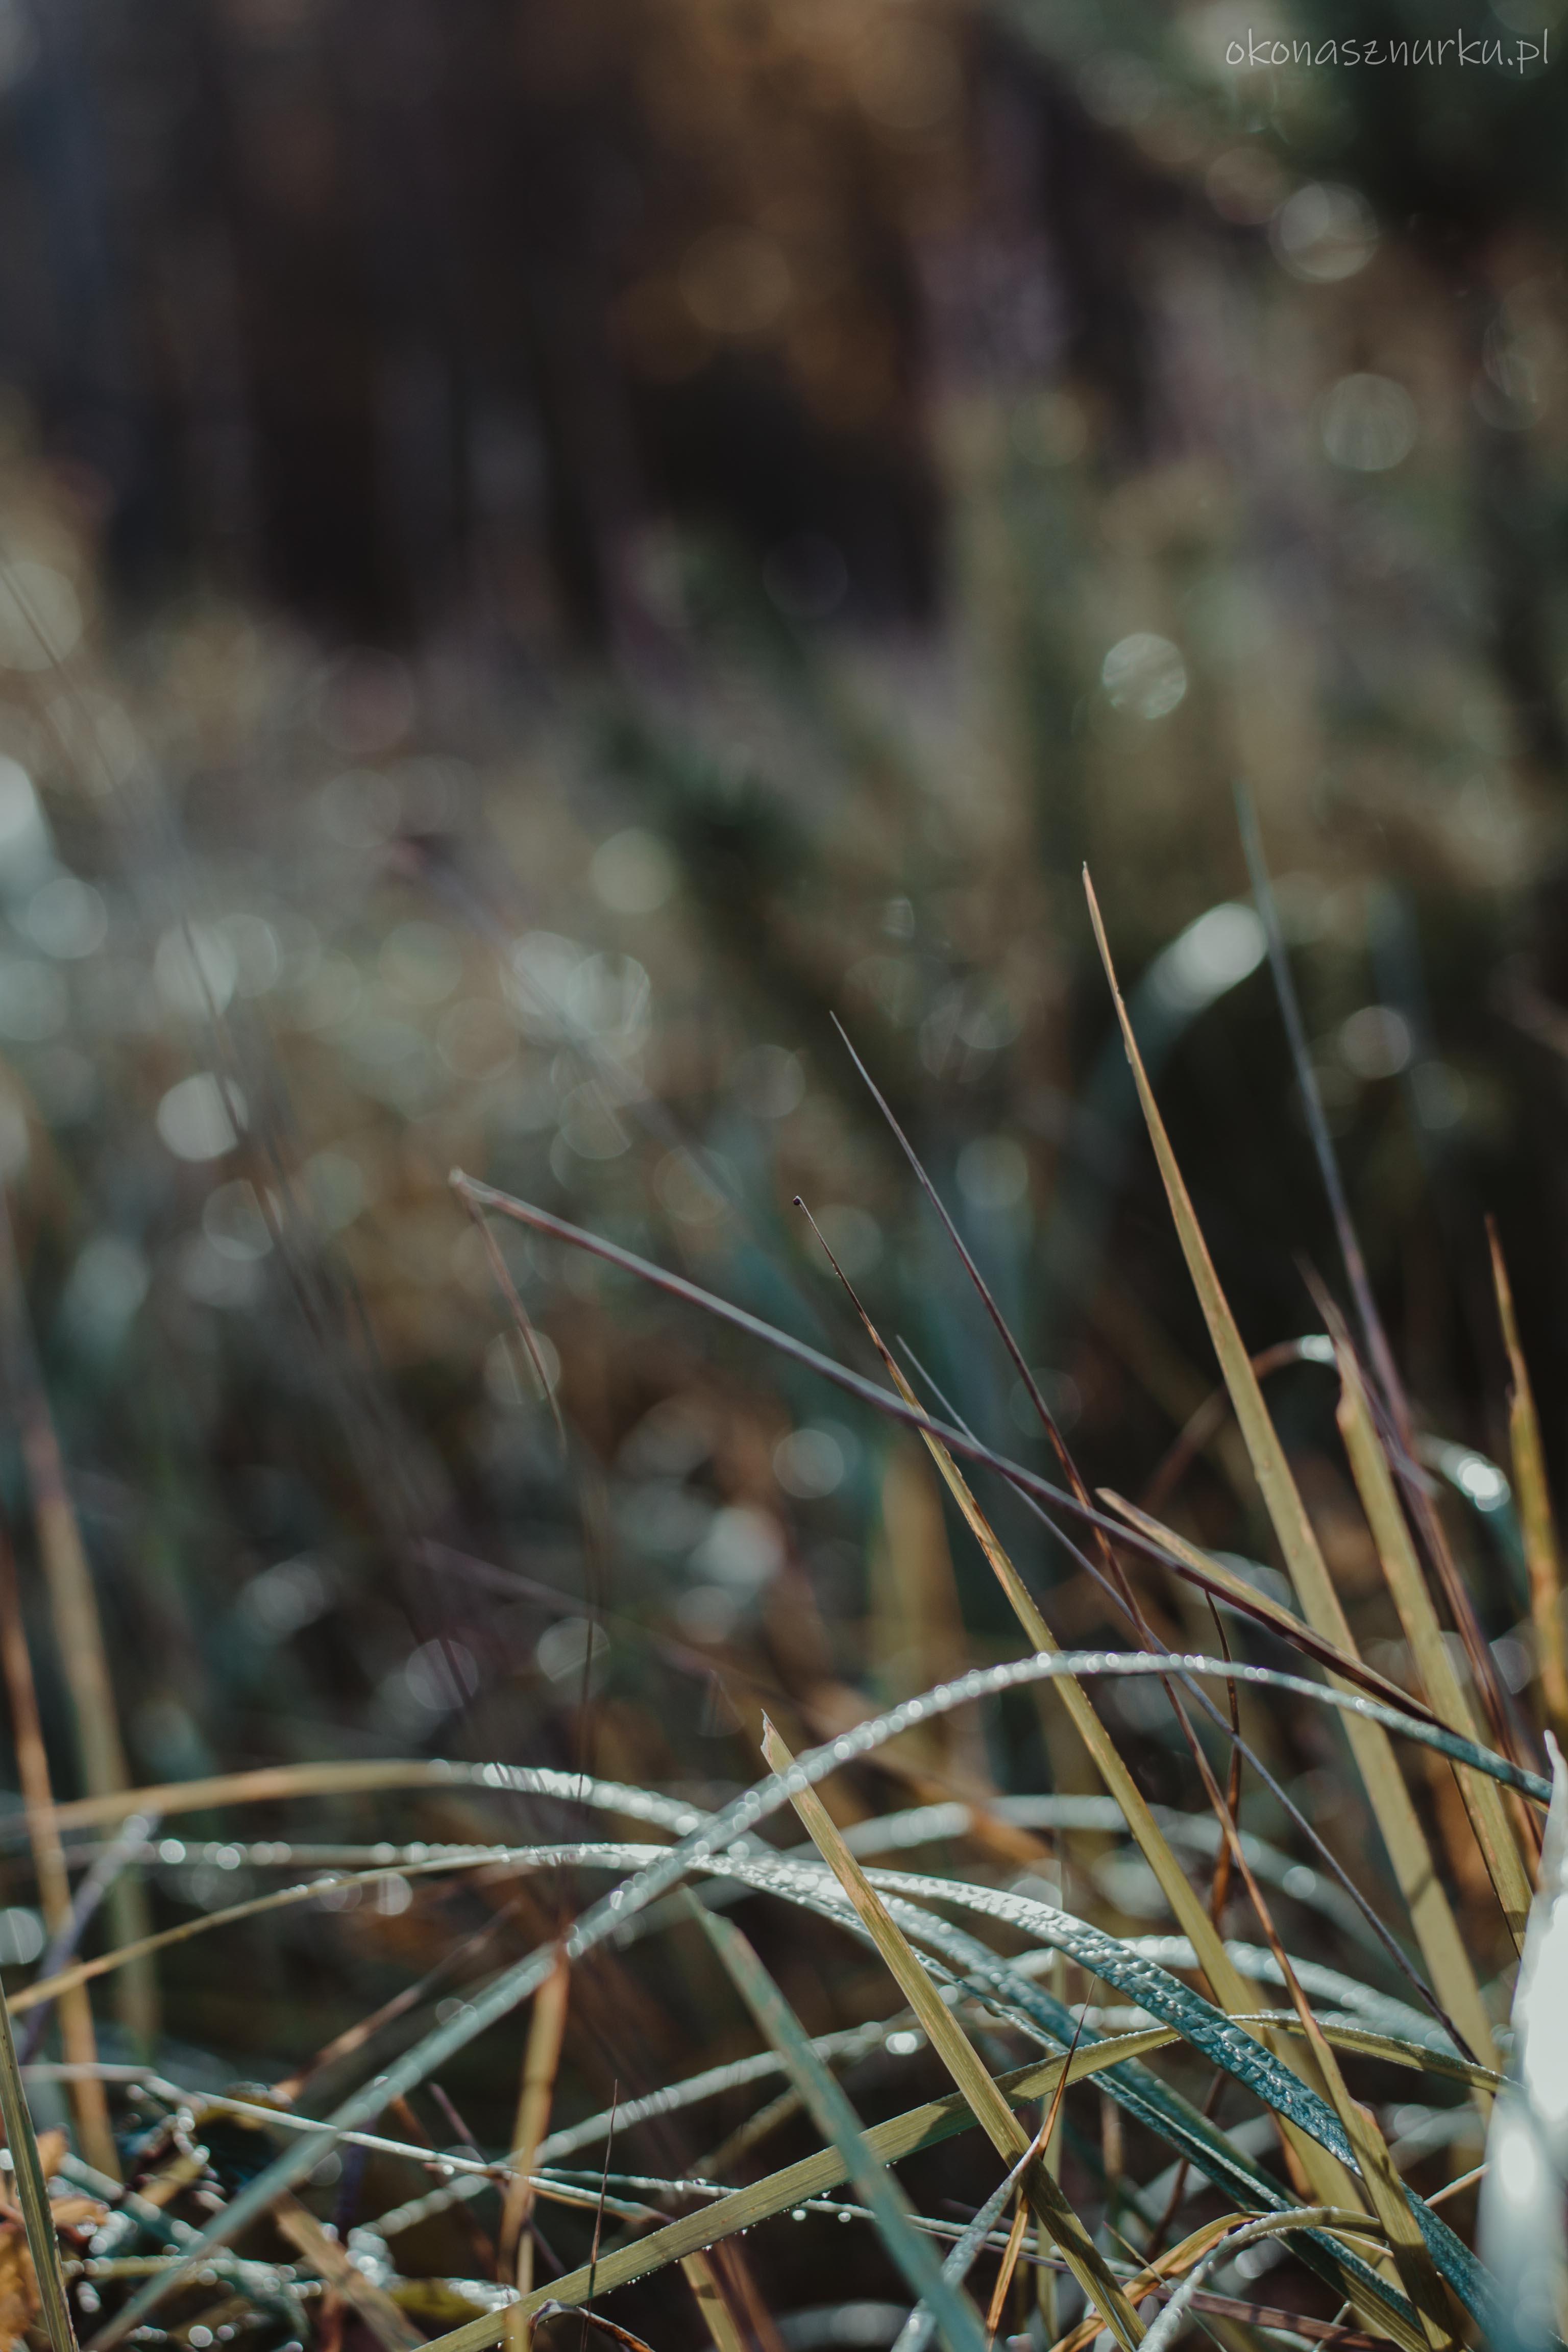 grzybobranie-okonasznurku (5)